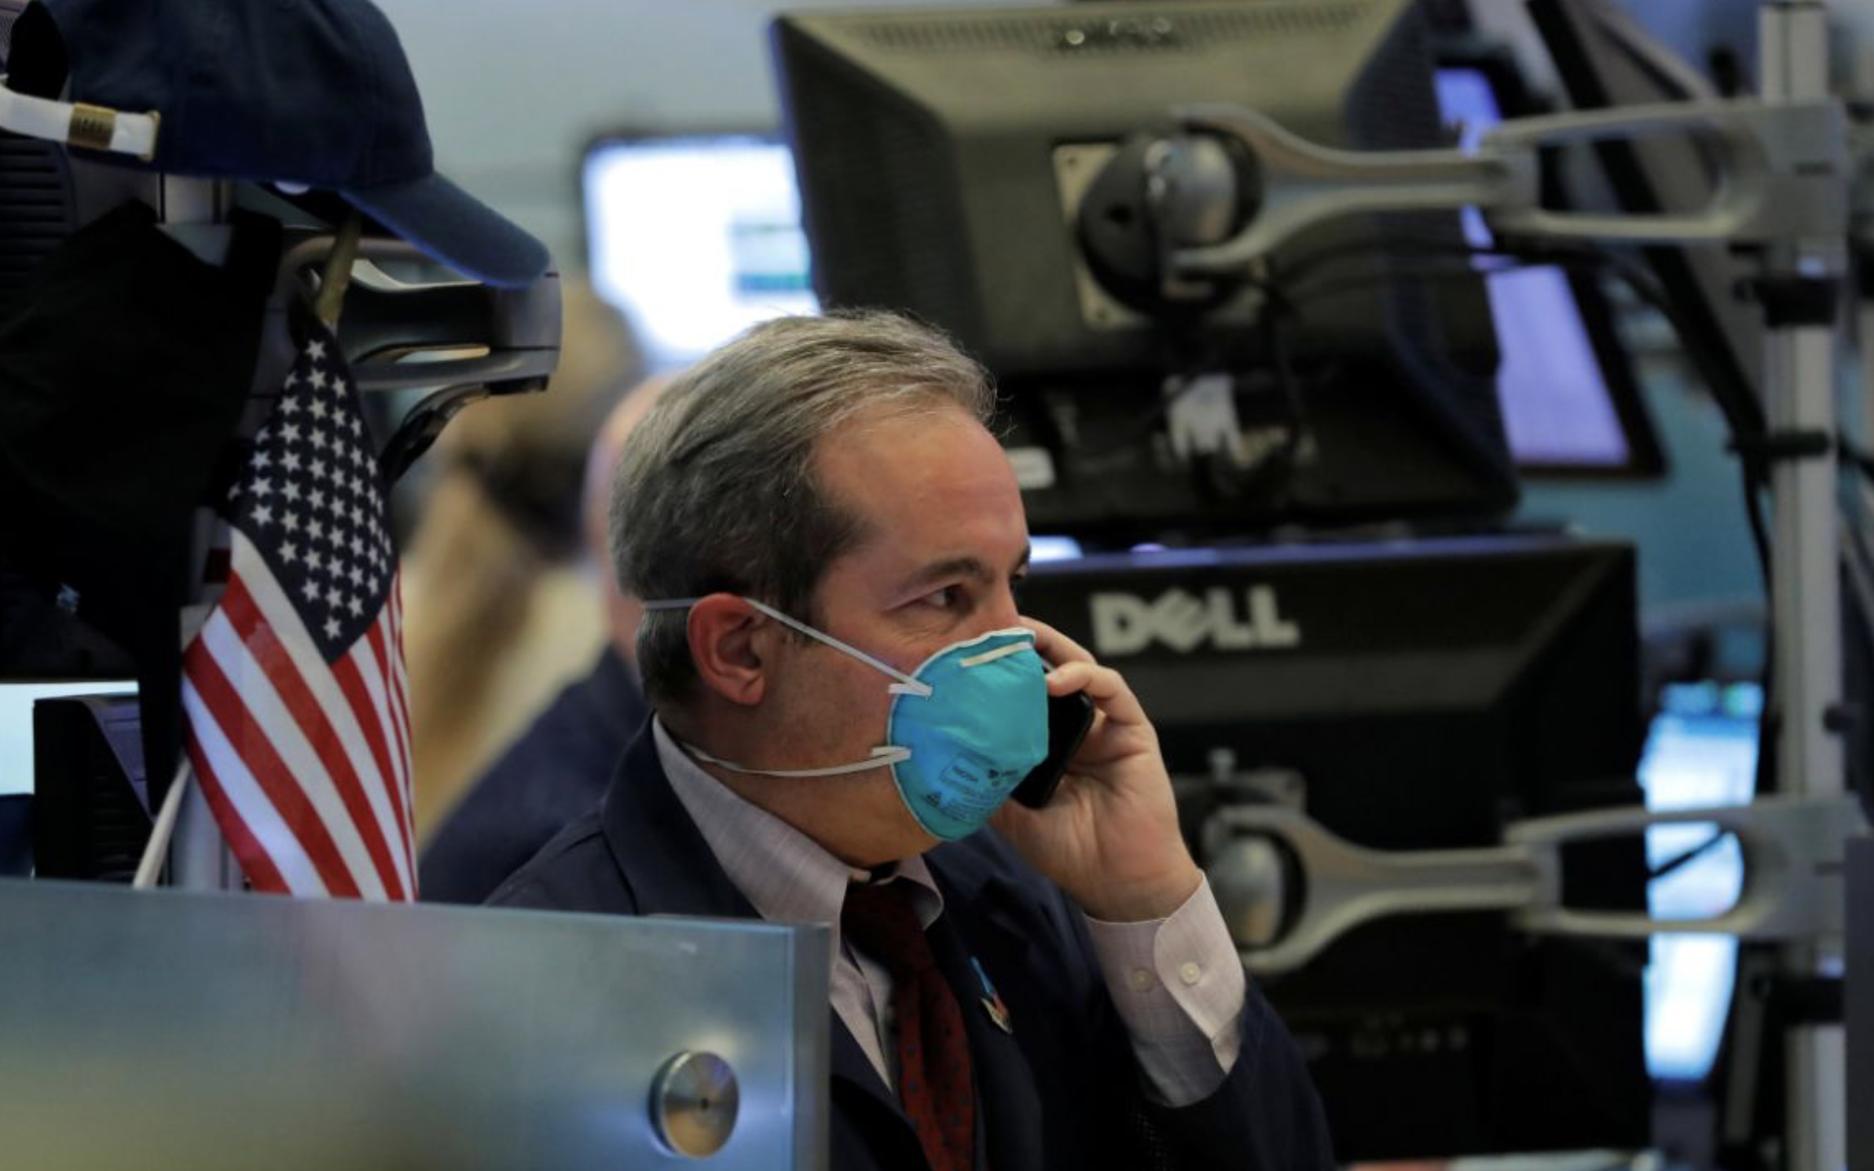 Tăng mạnh ở đầu phiên, Phố Wall bất ngờ quay đầu giảm điểm khi nhà đầu tư lo ngại về tác động kinh tế của dịch bệnh